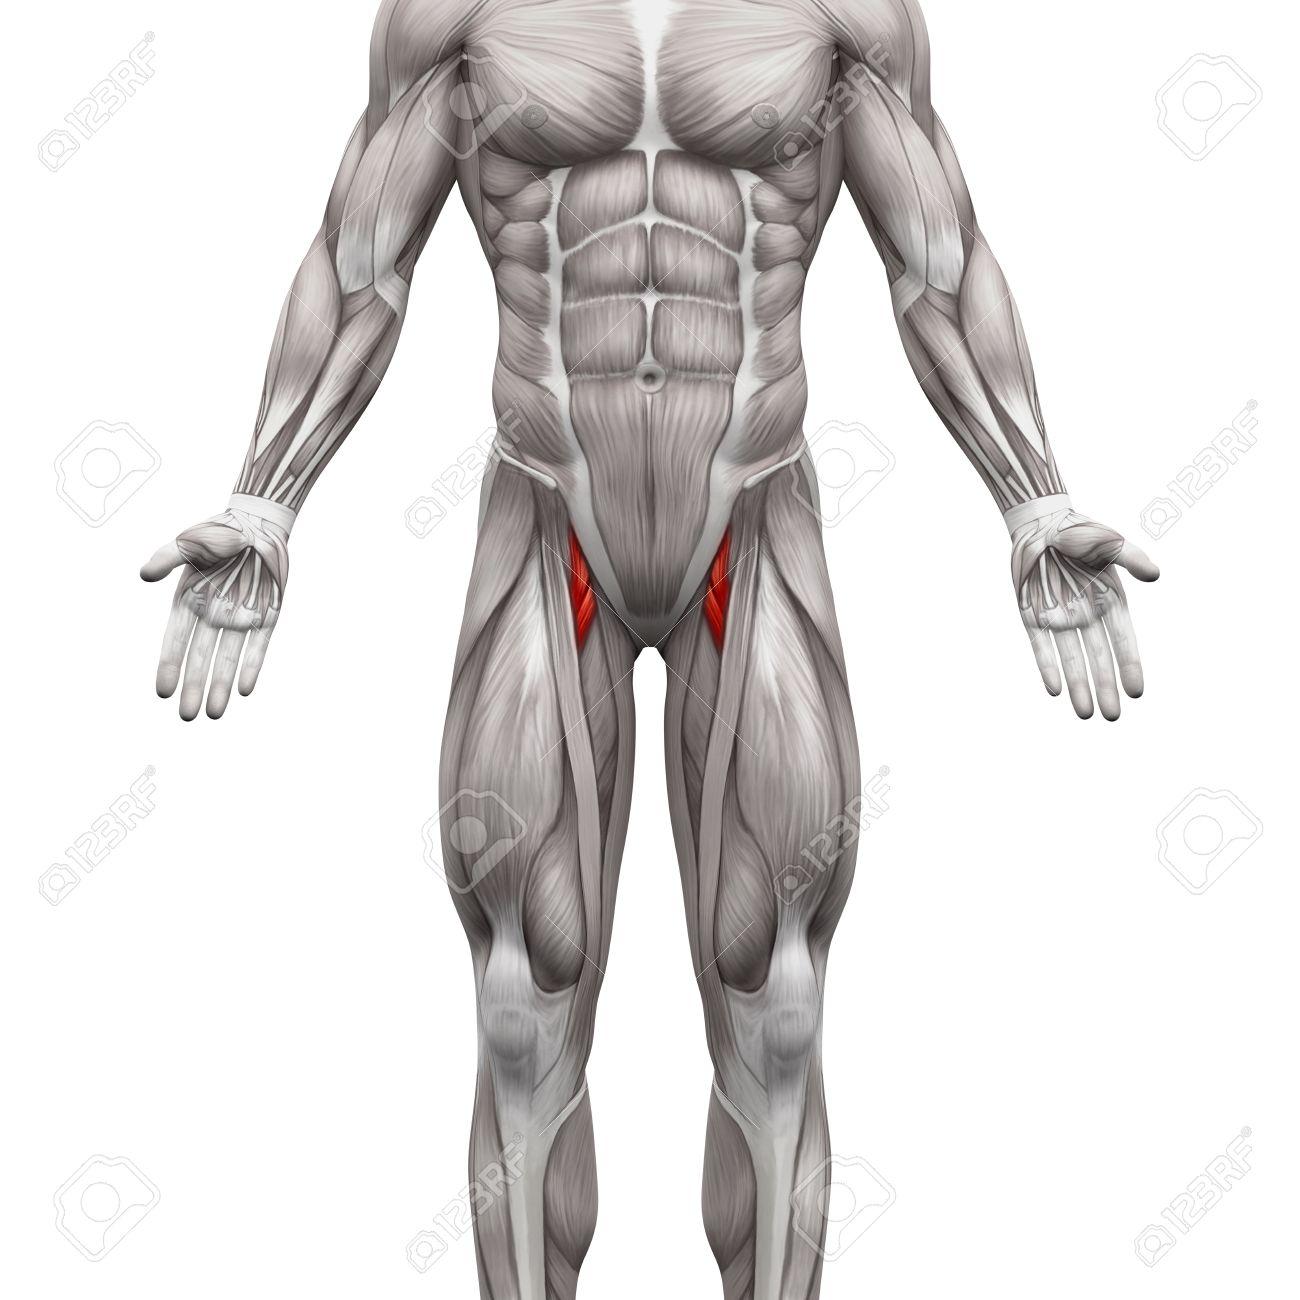 Aductor Corto Y El Aductor Largo Muscular - Músculos Anatomía ...